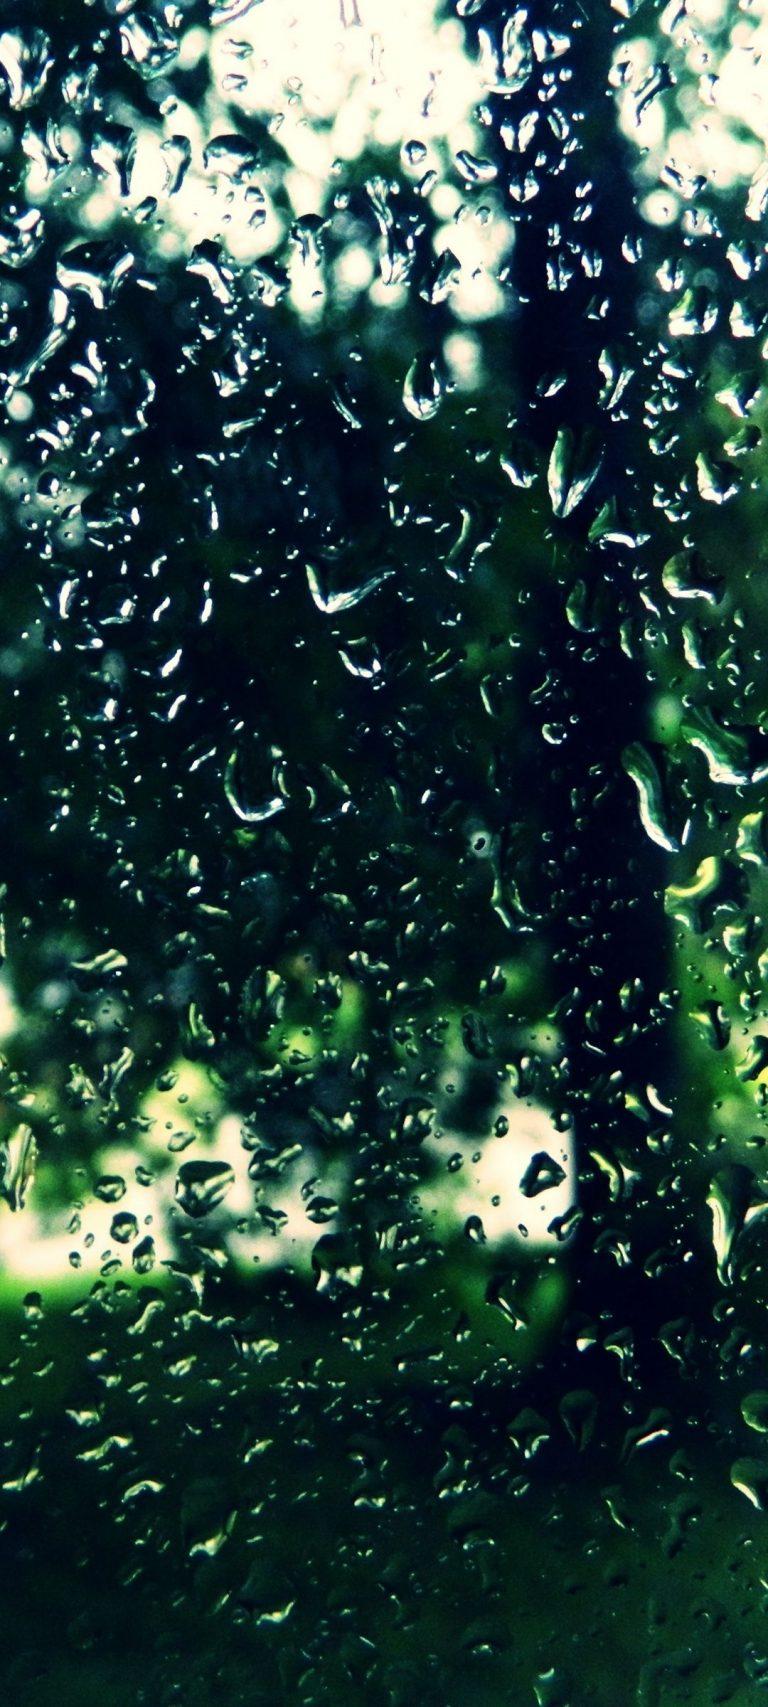 Trees Drops Glass 1080x2400 768x1707